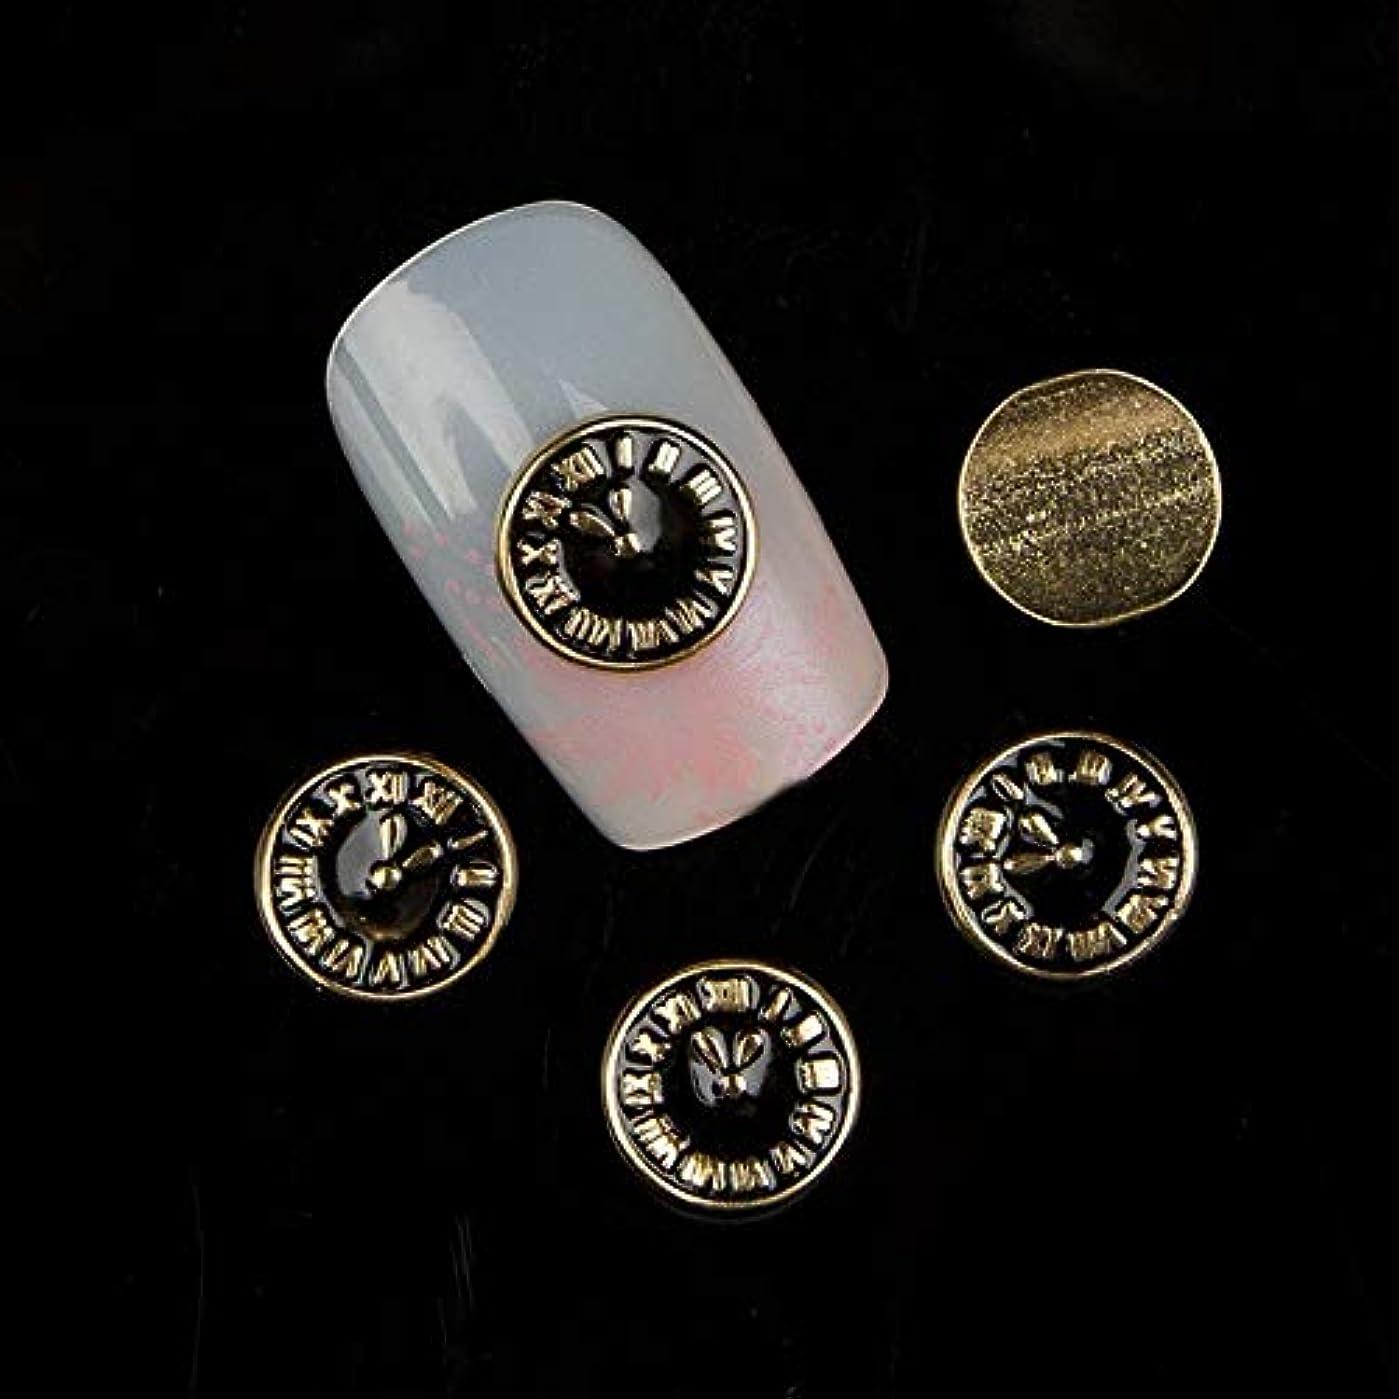 わずらわしいブラシかなり10個入り/ロットゴールドブラックネイル合金スタッド3Dメタル時計ネイルアートの装飾マニキュアデザイン